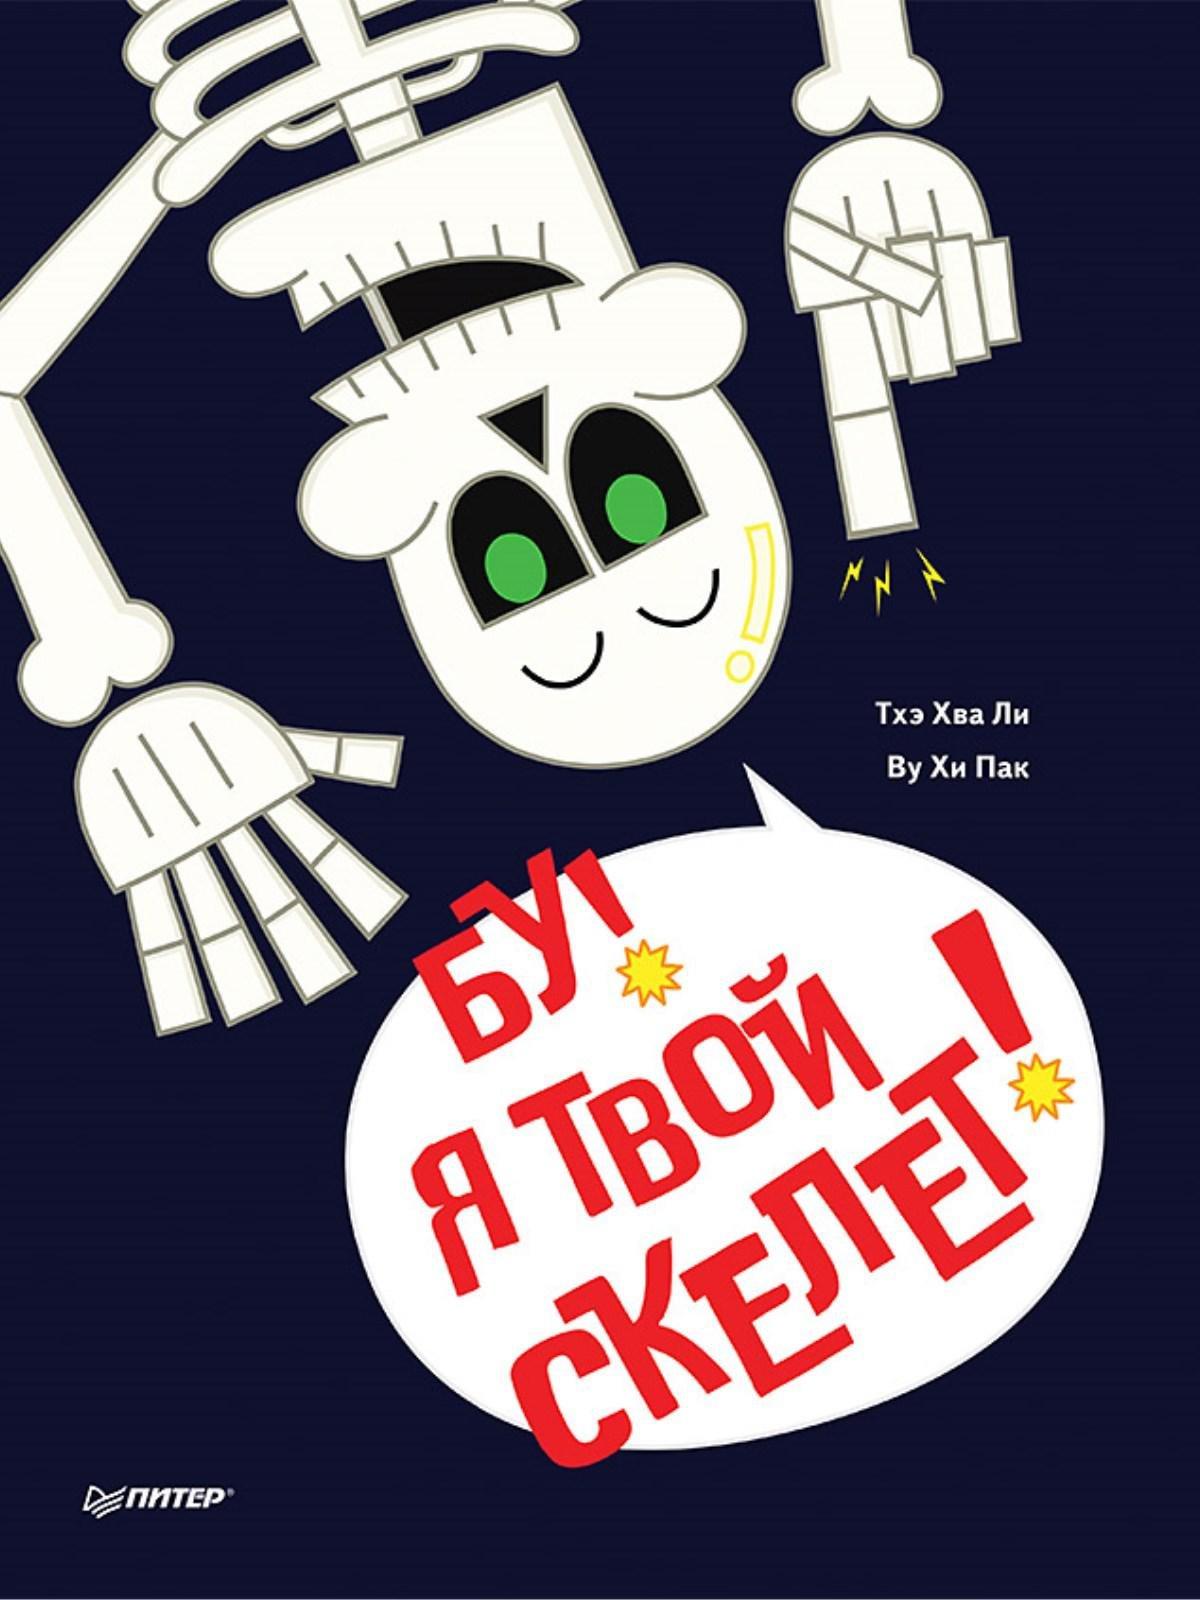 Тхэ Х. Бу! Я твой скелет!